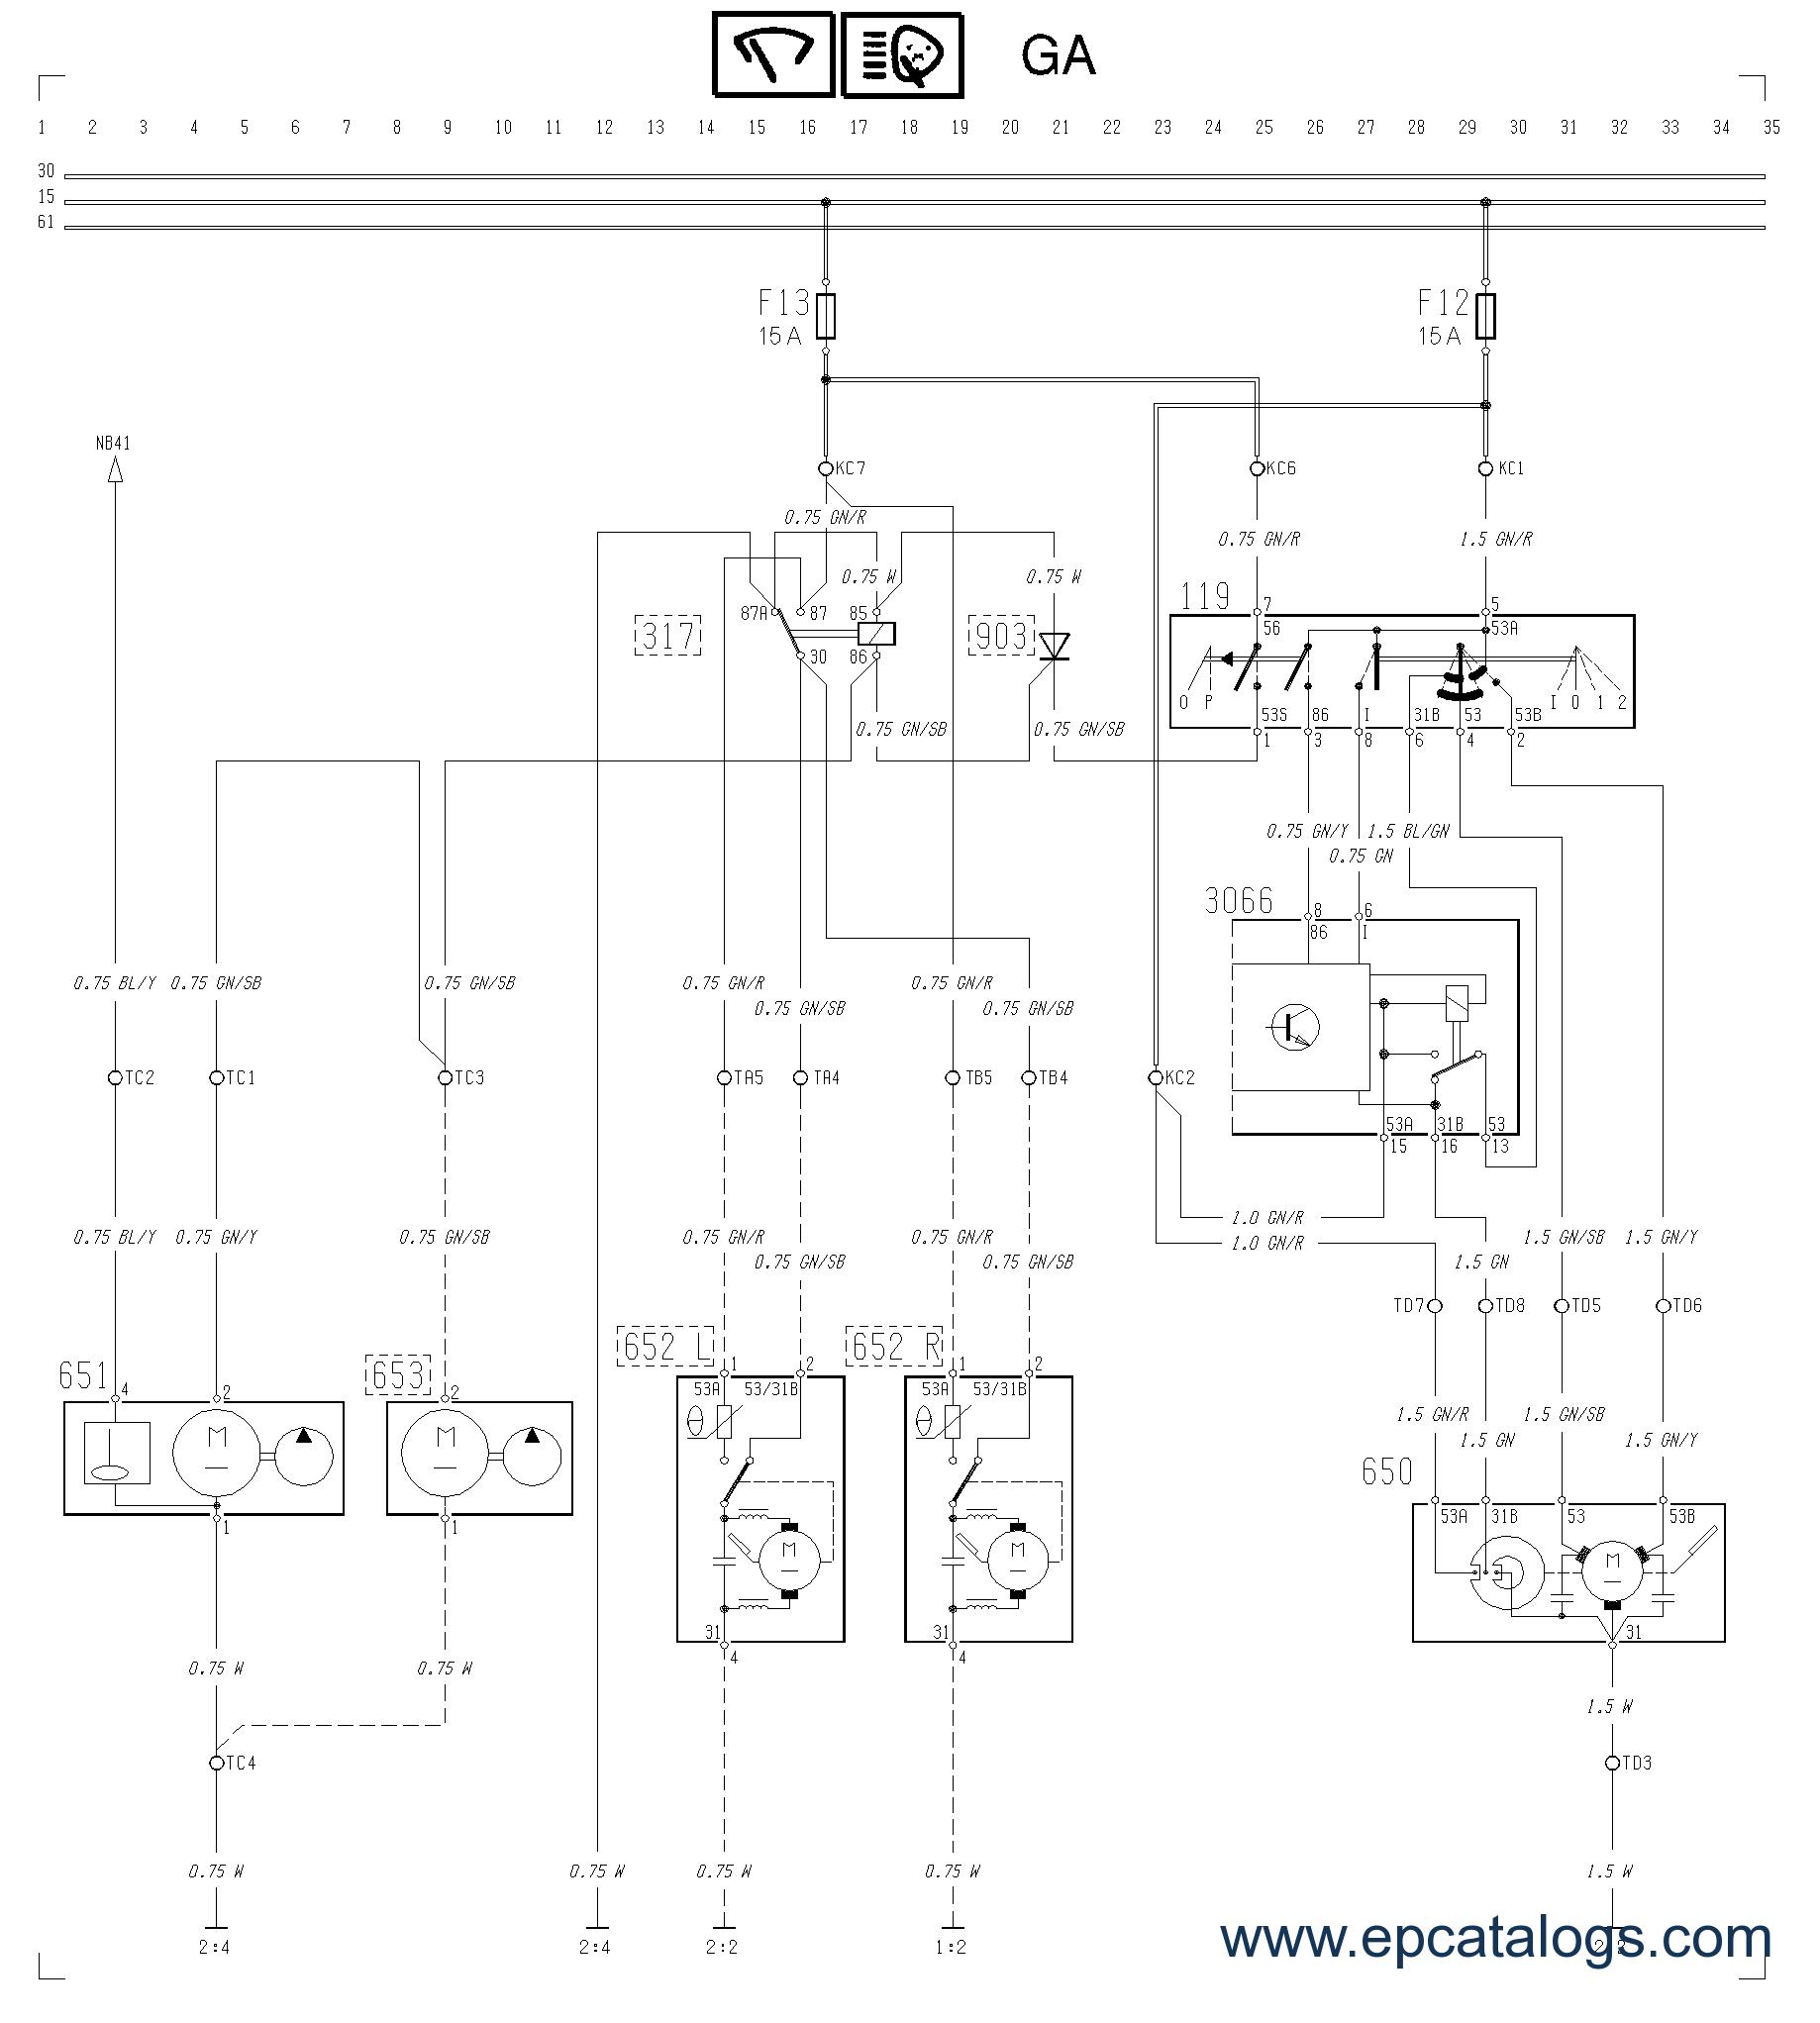 volvo b12b wiring diagram simple wiring schema Excalibur Wiring Diagrams volvo b12m wiring diagram wiring diagram todays studebaker wiring diagrams volvo b12b wiring diagram